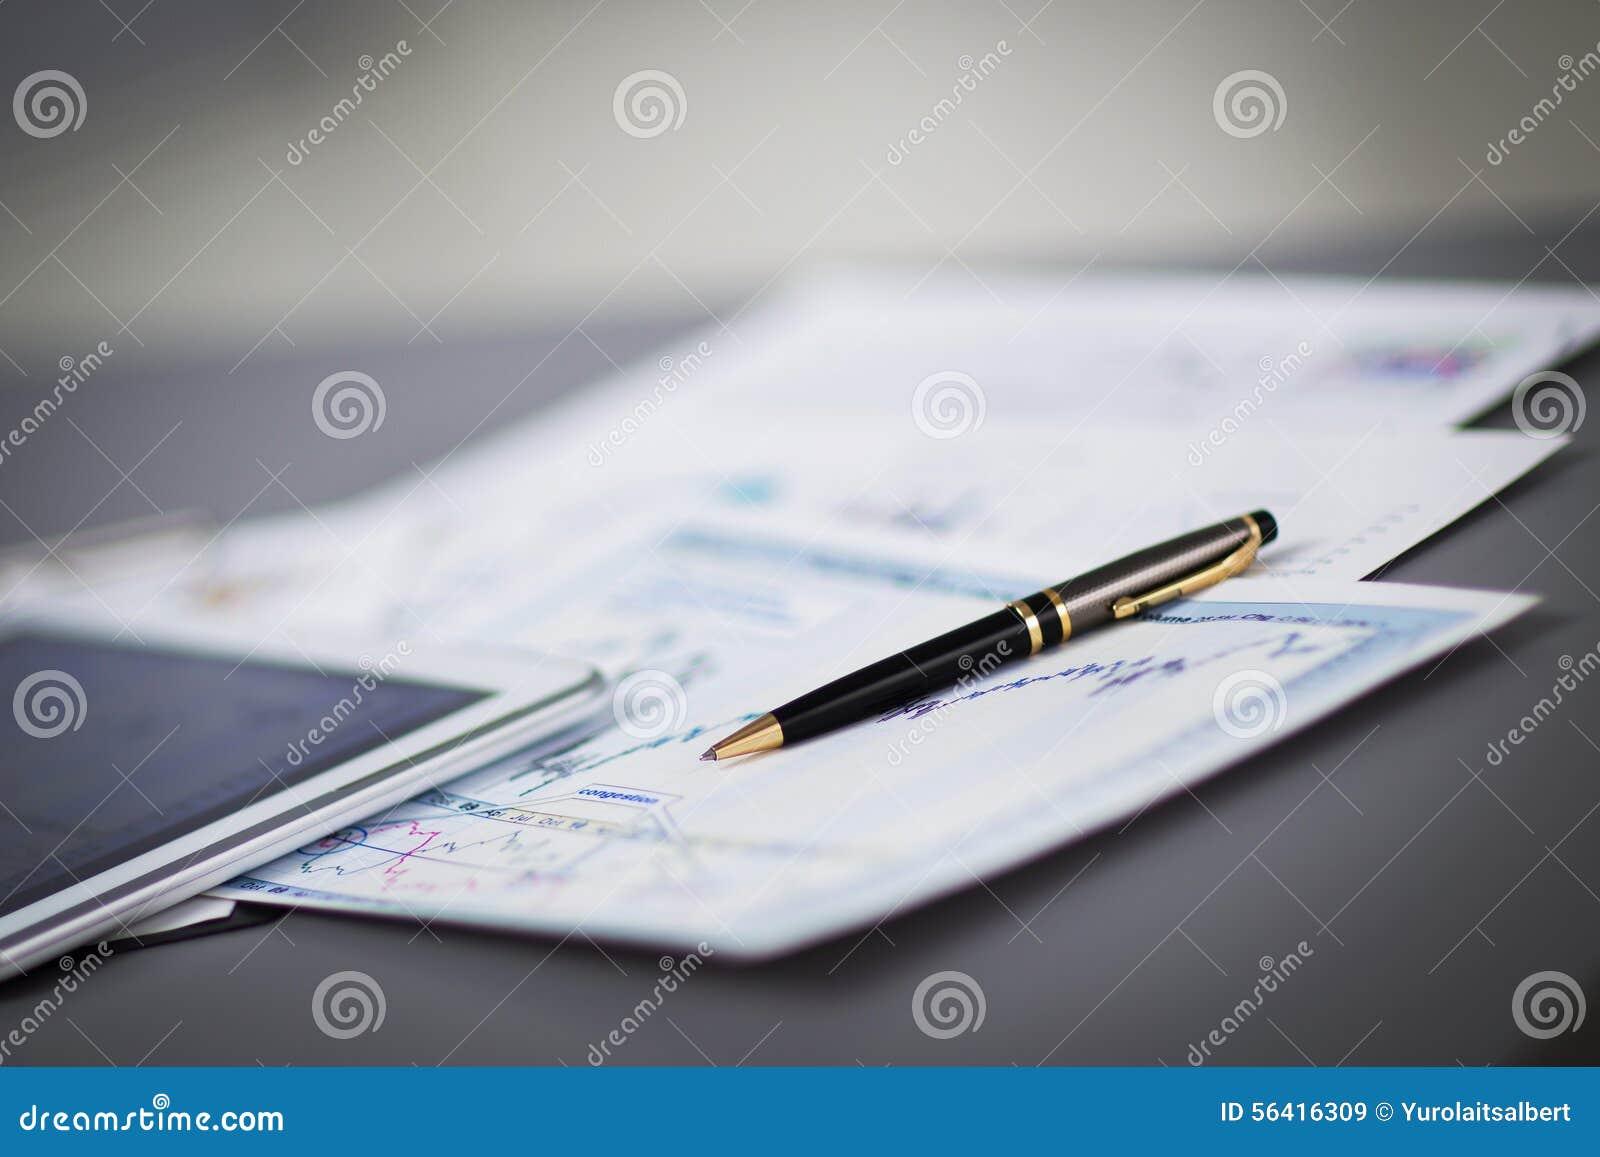 Cartas financieras